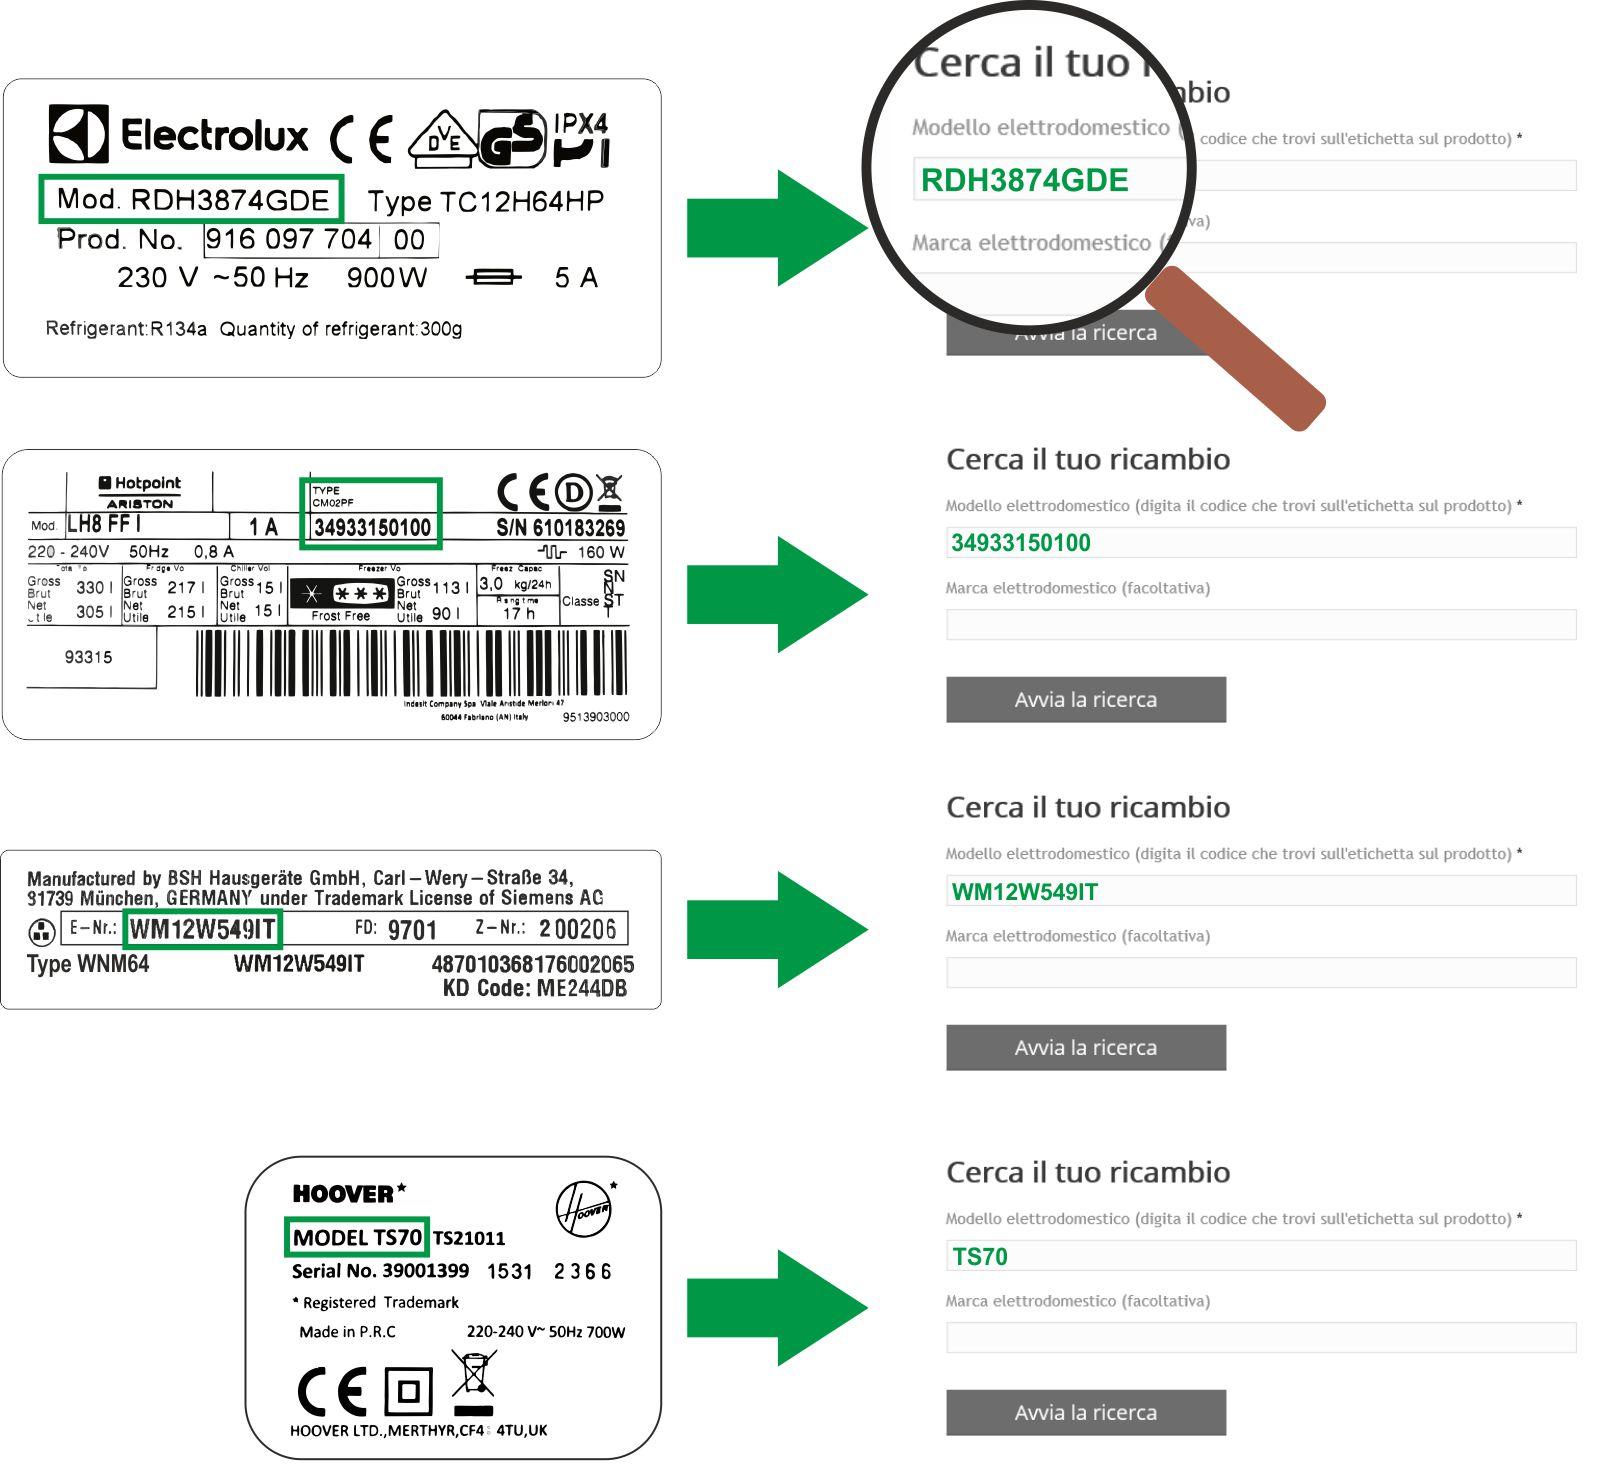 esempi - Ricambi Elettrodomestici Online   Expert Ricambi